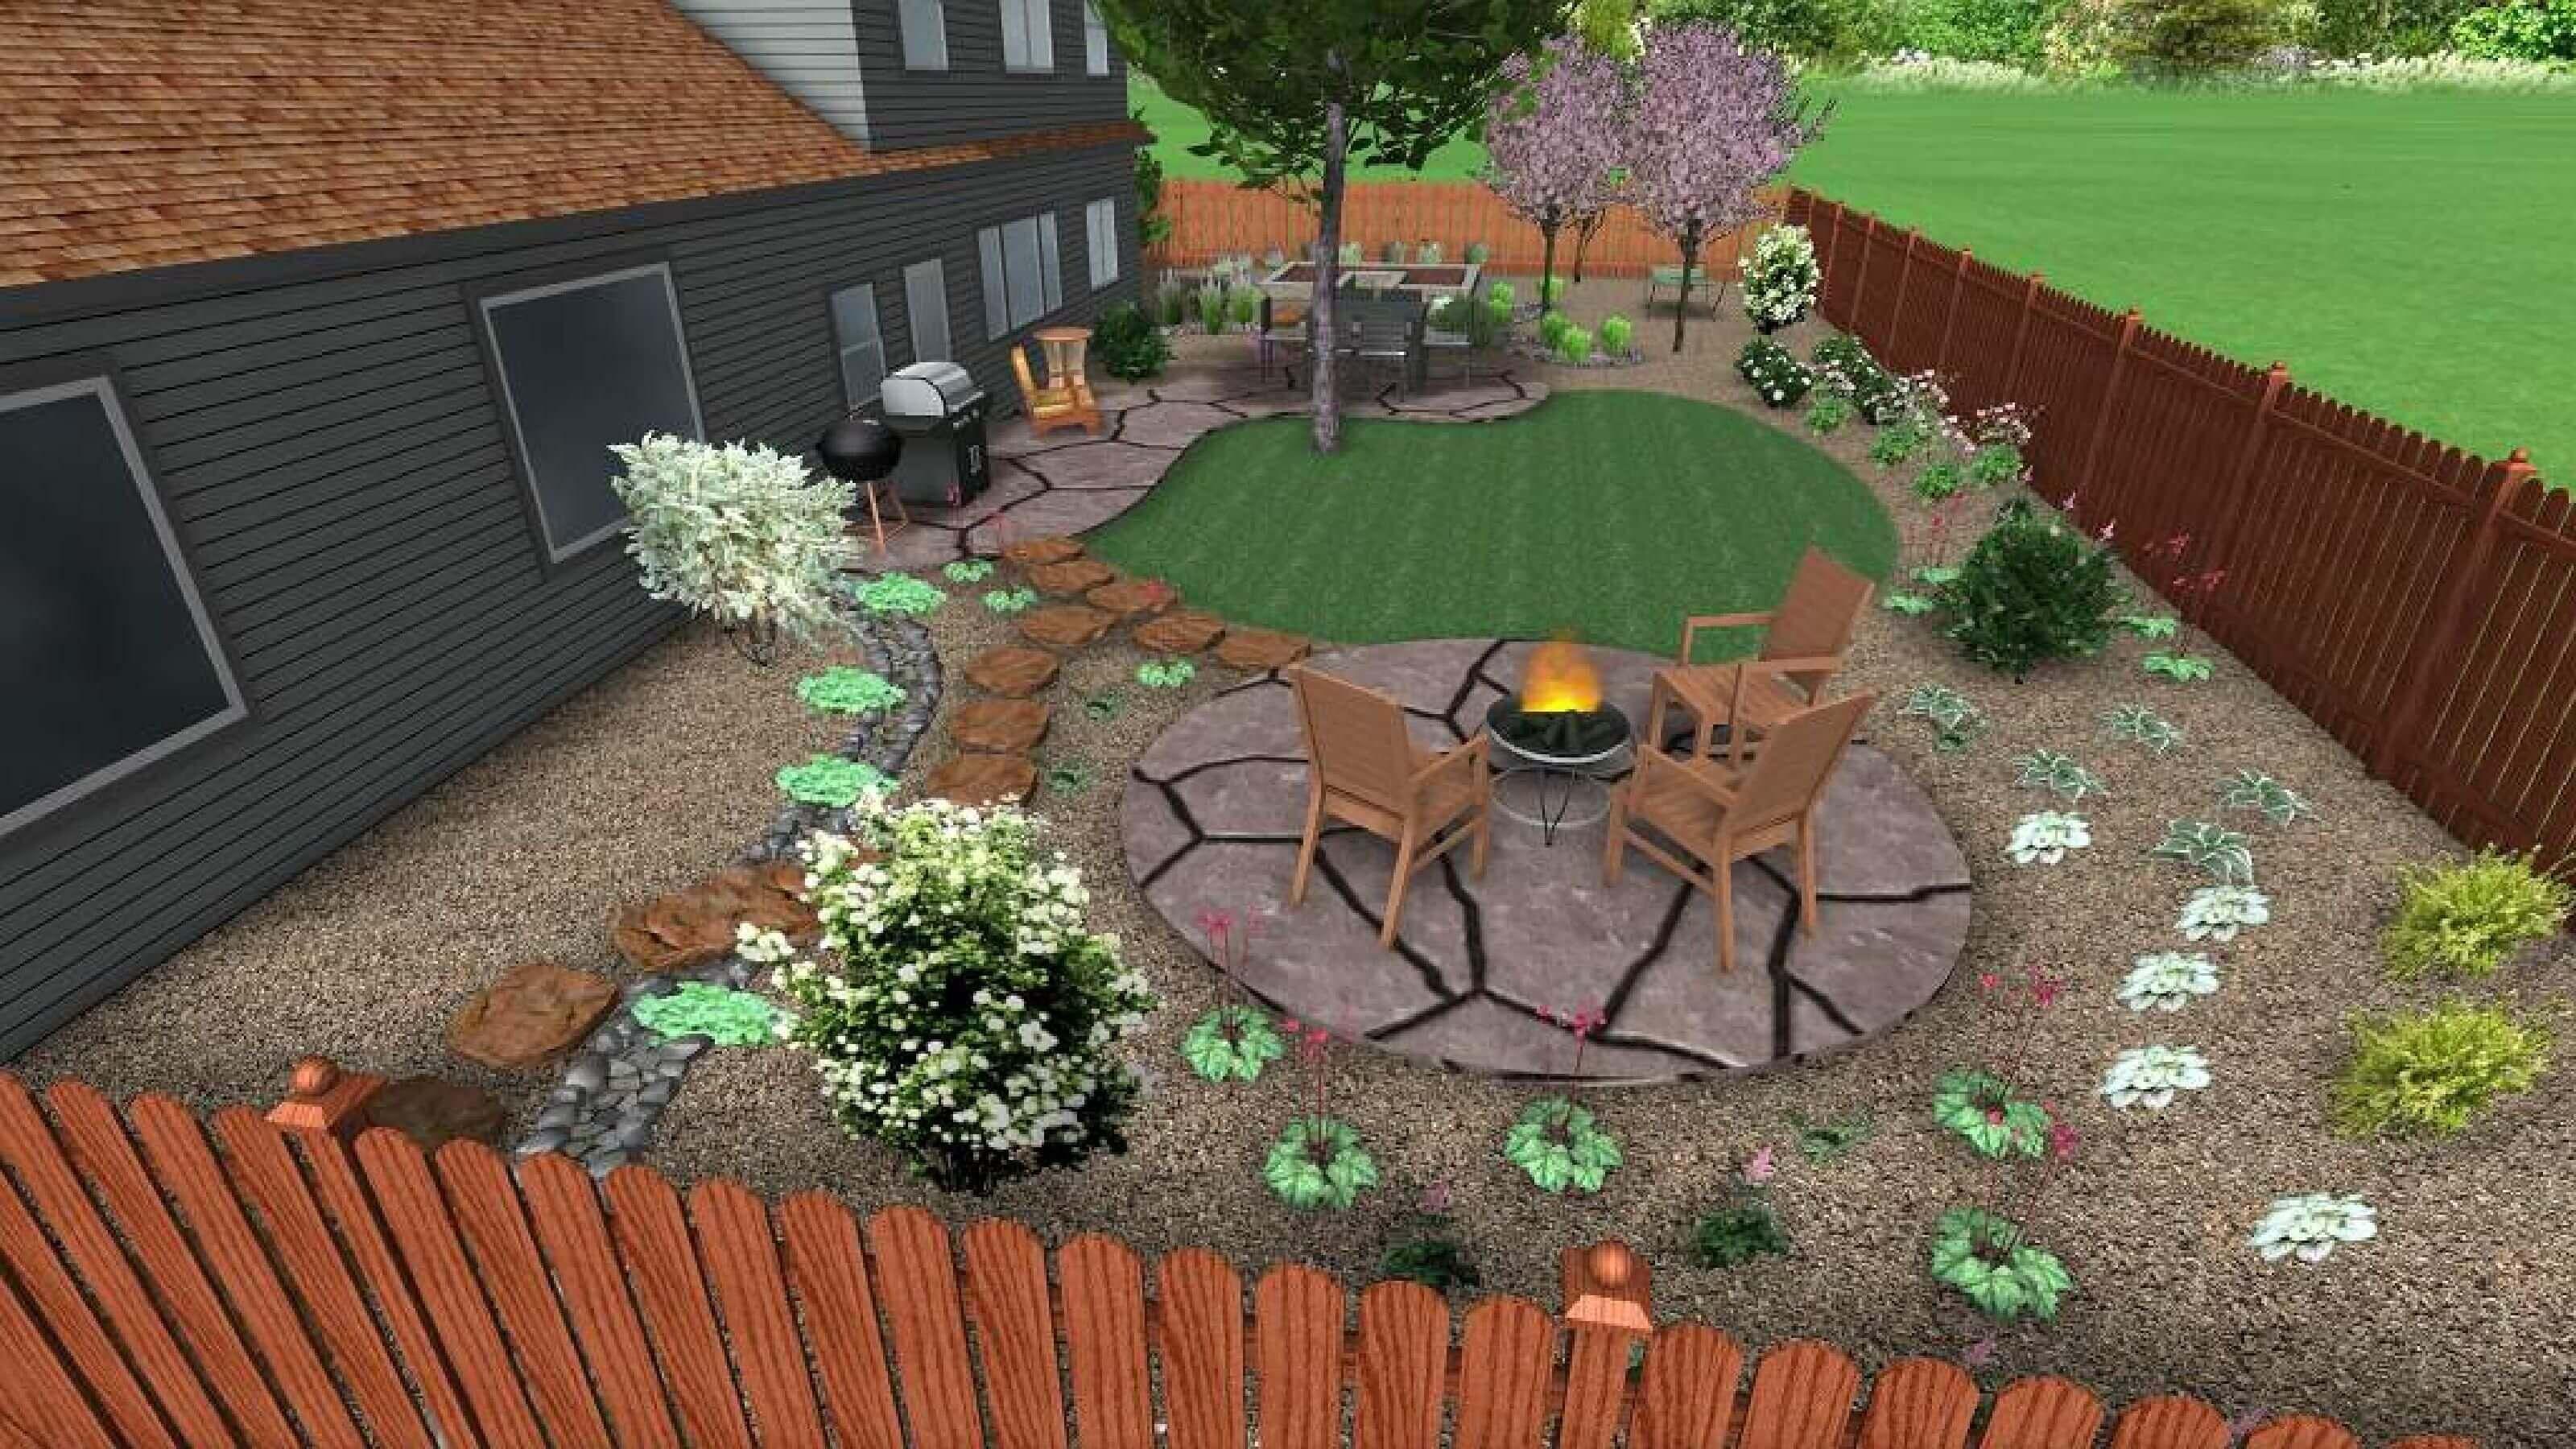 Online Landscape Designs-10d and 10d garden design images